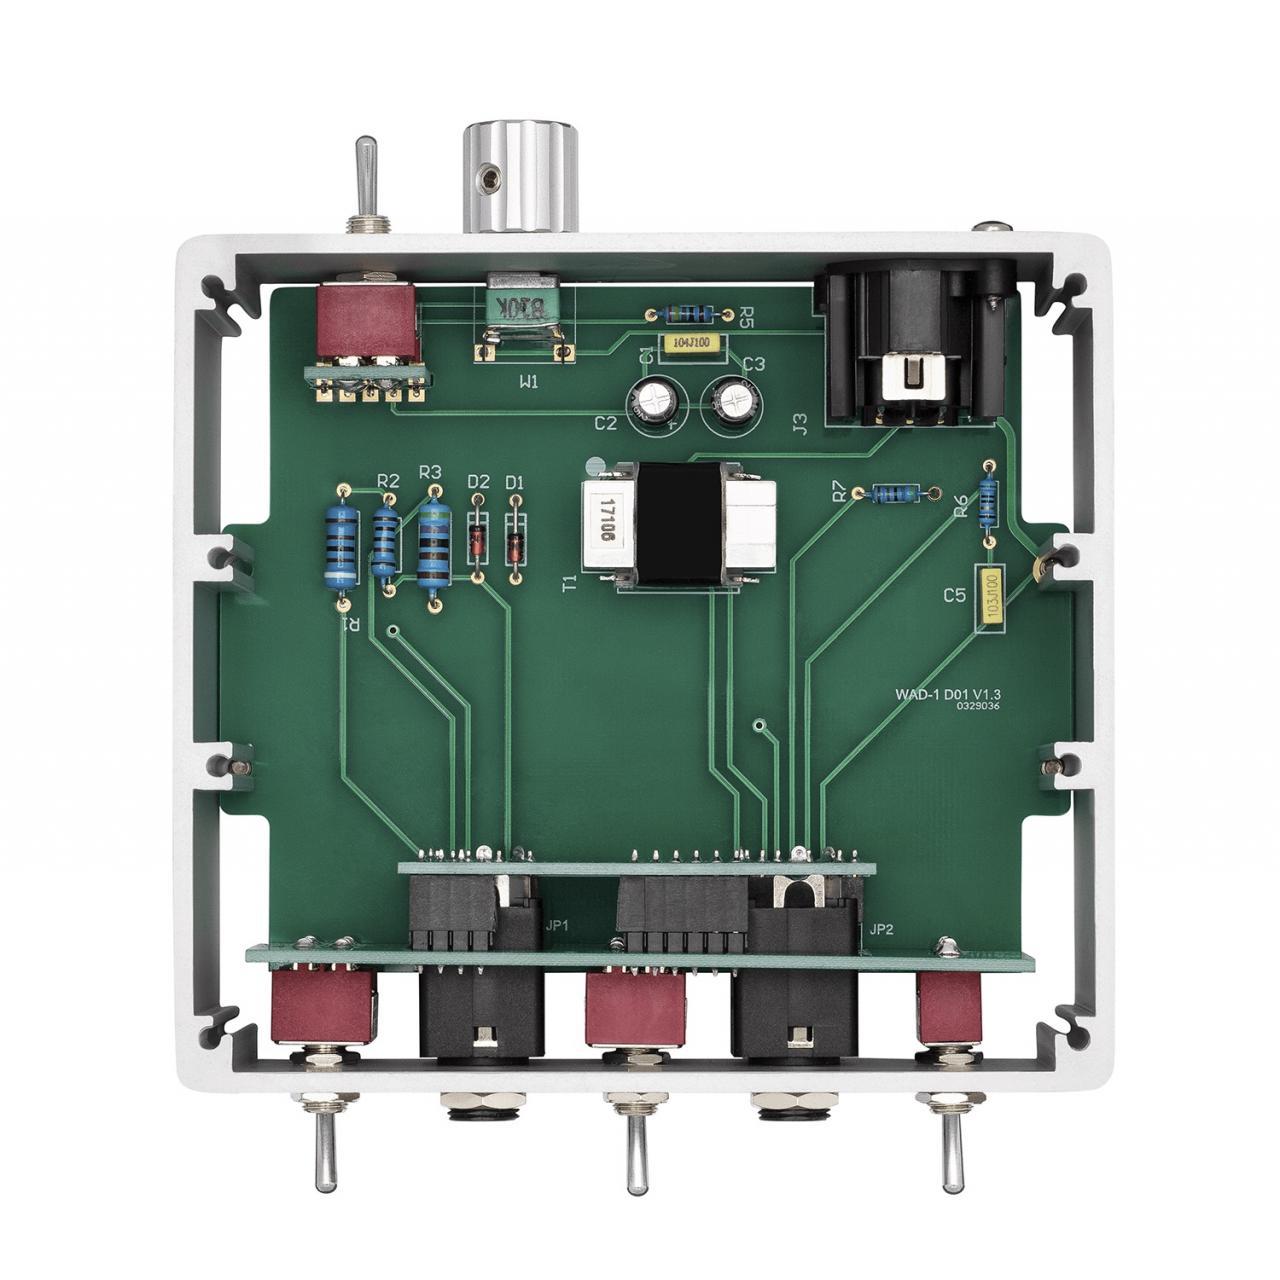 DI-BOX-PASSIVE-INTERIOR-VIEW-72DPI-e1573147585917.jpg